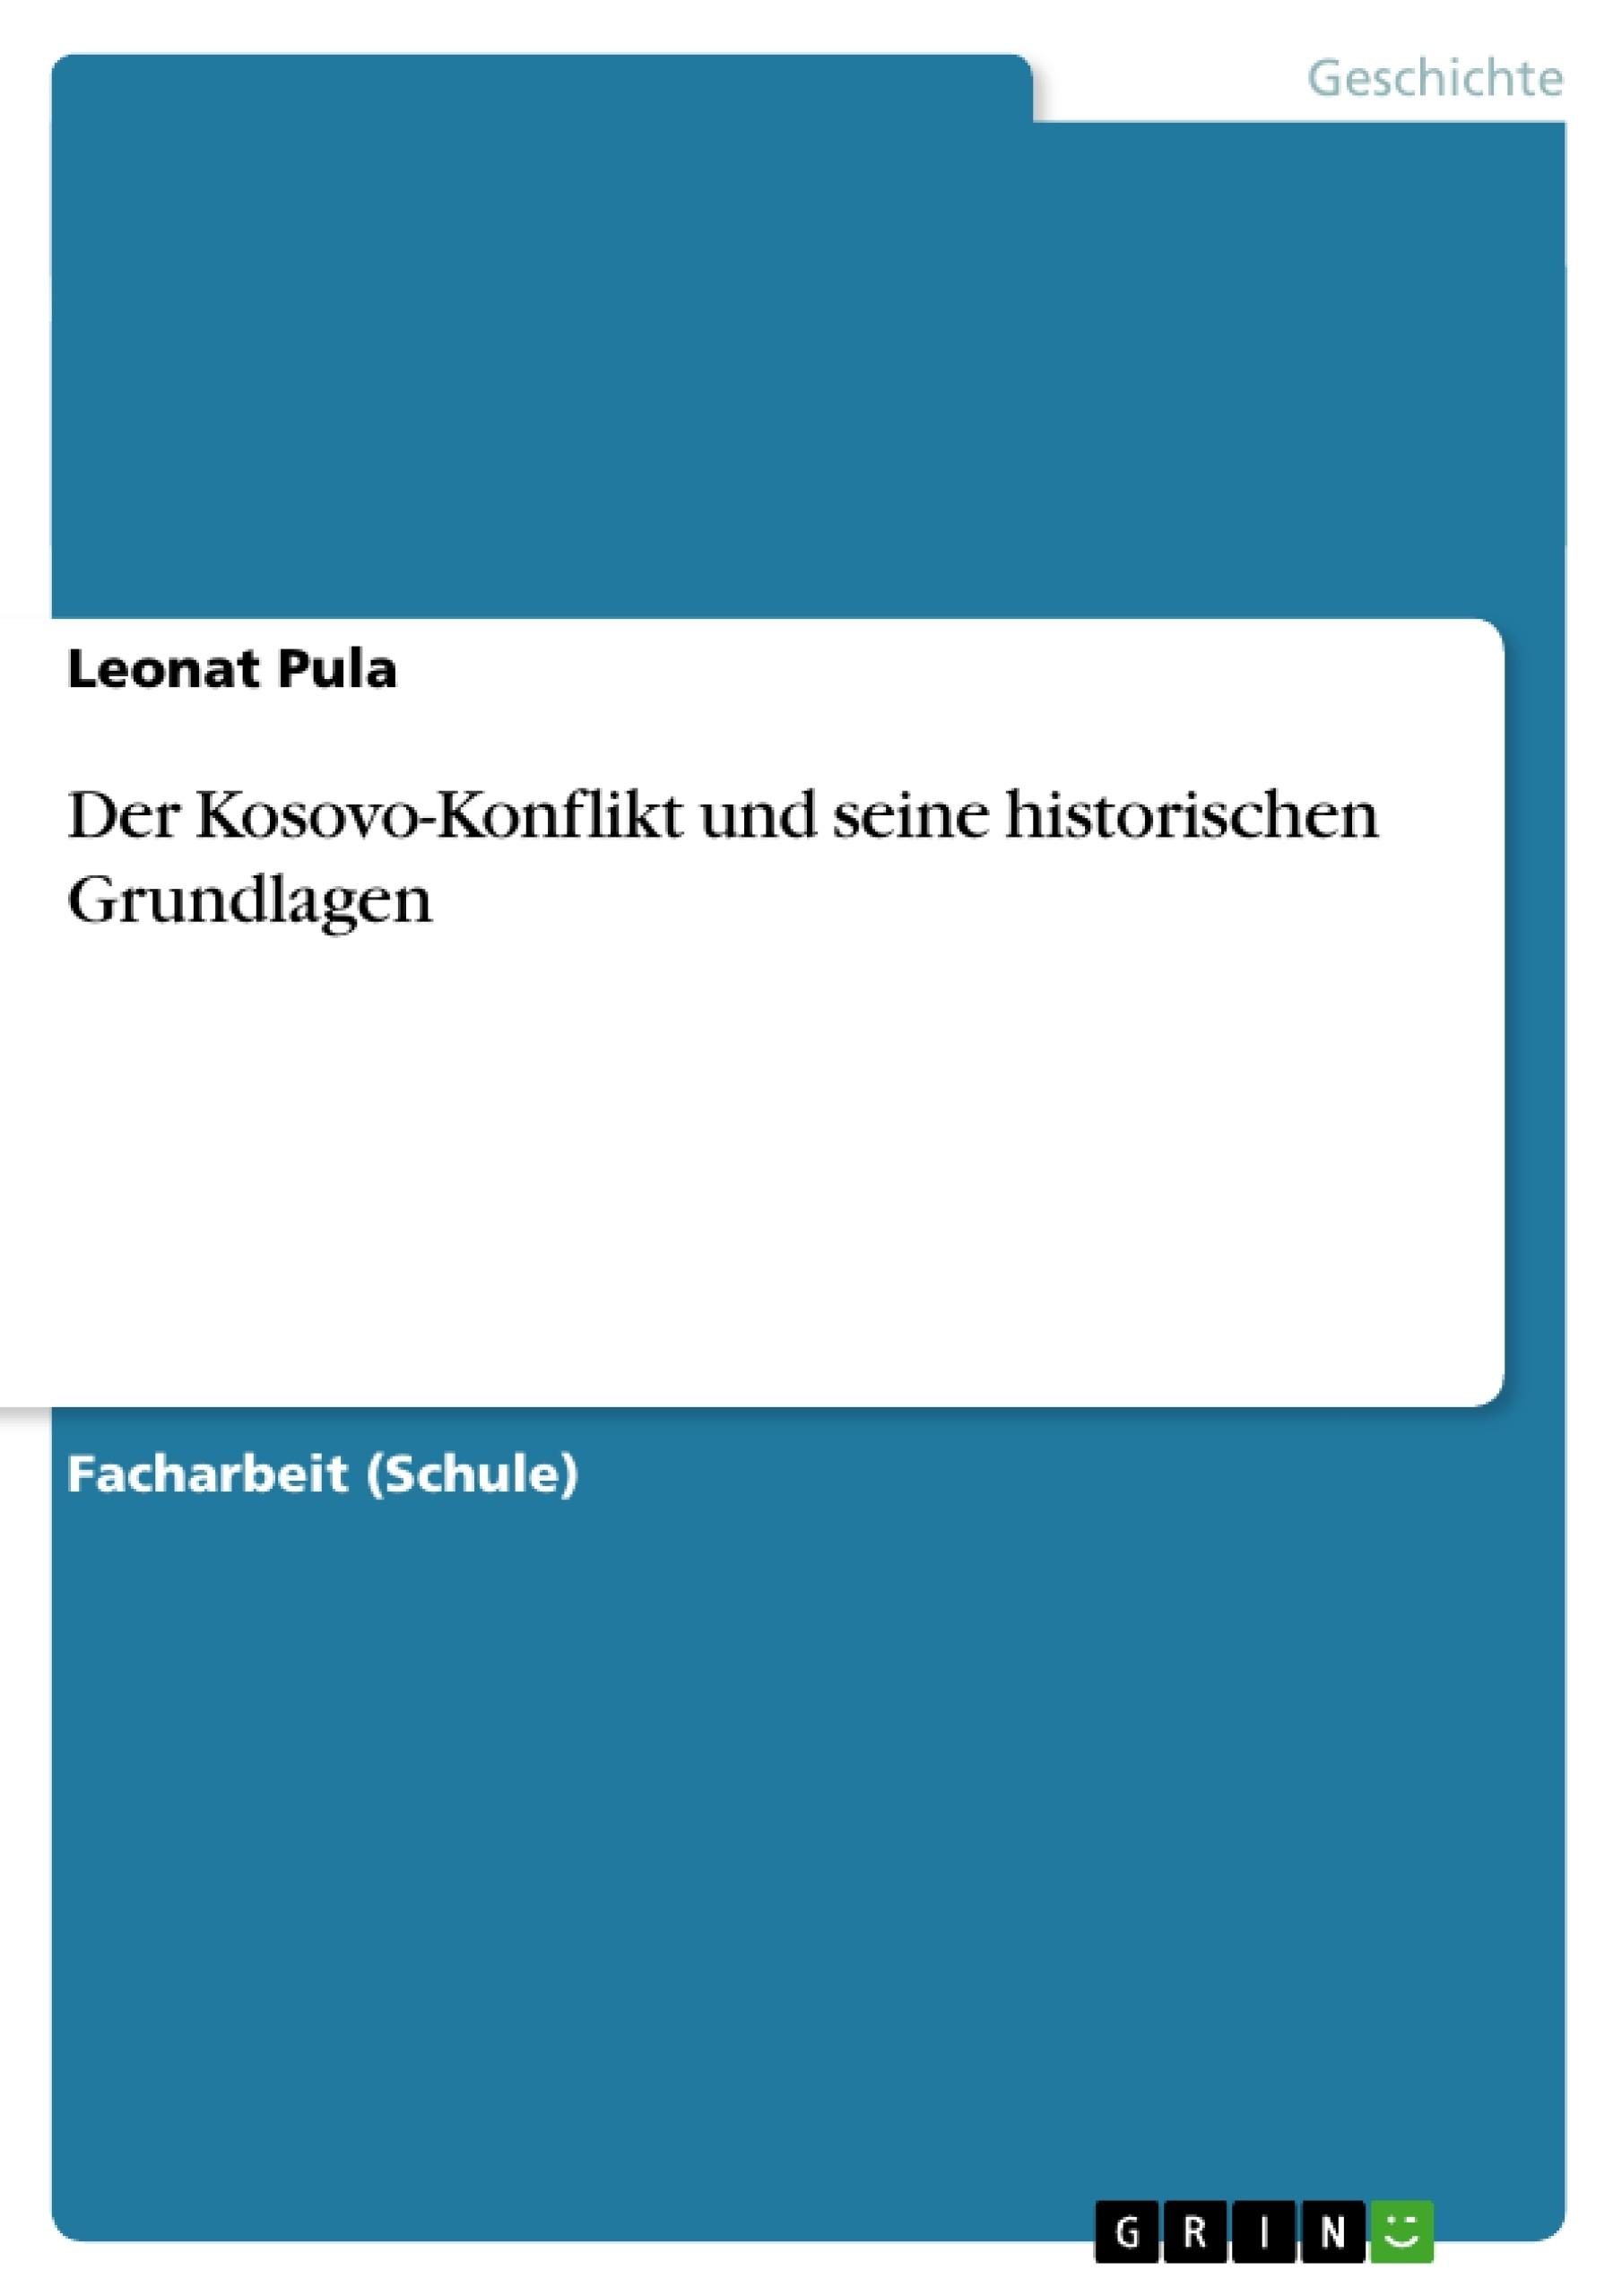 Titel: Der Kosovo-Konflikt und seine historischen Grundlagen